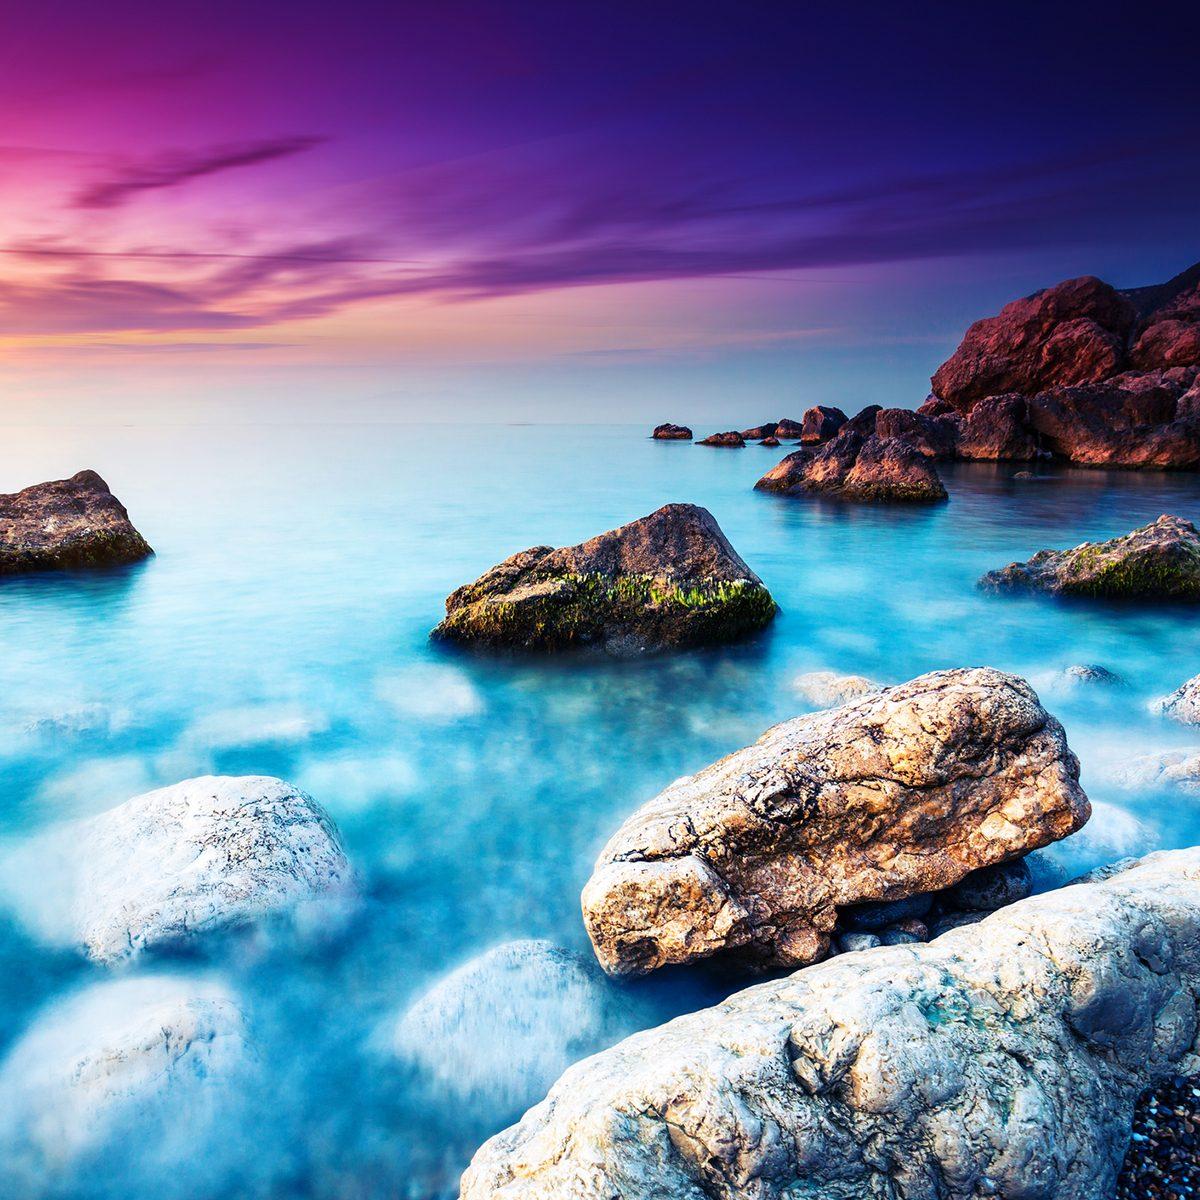 Serene lagoon scene